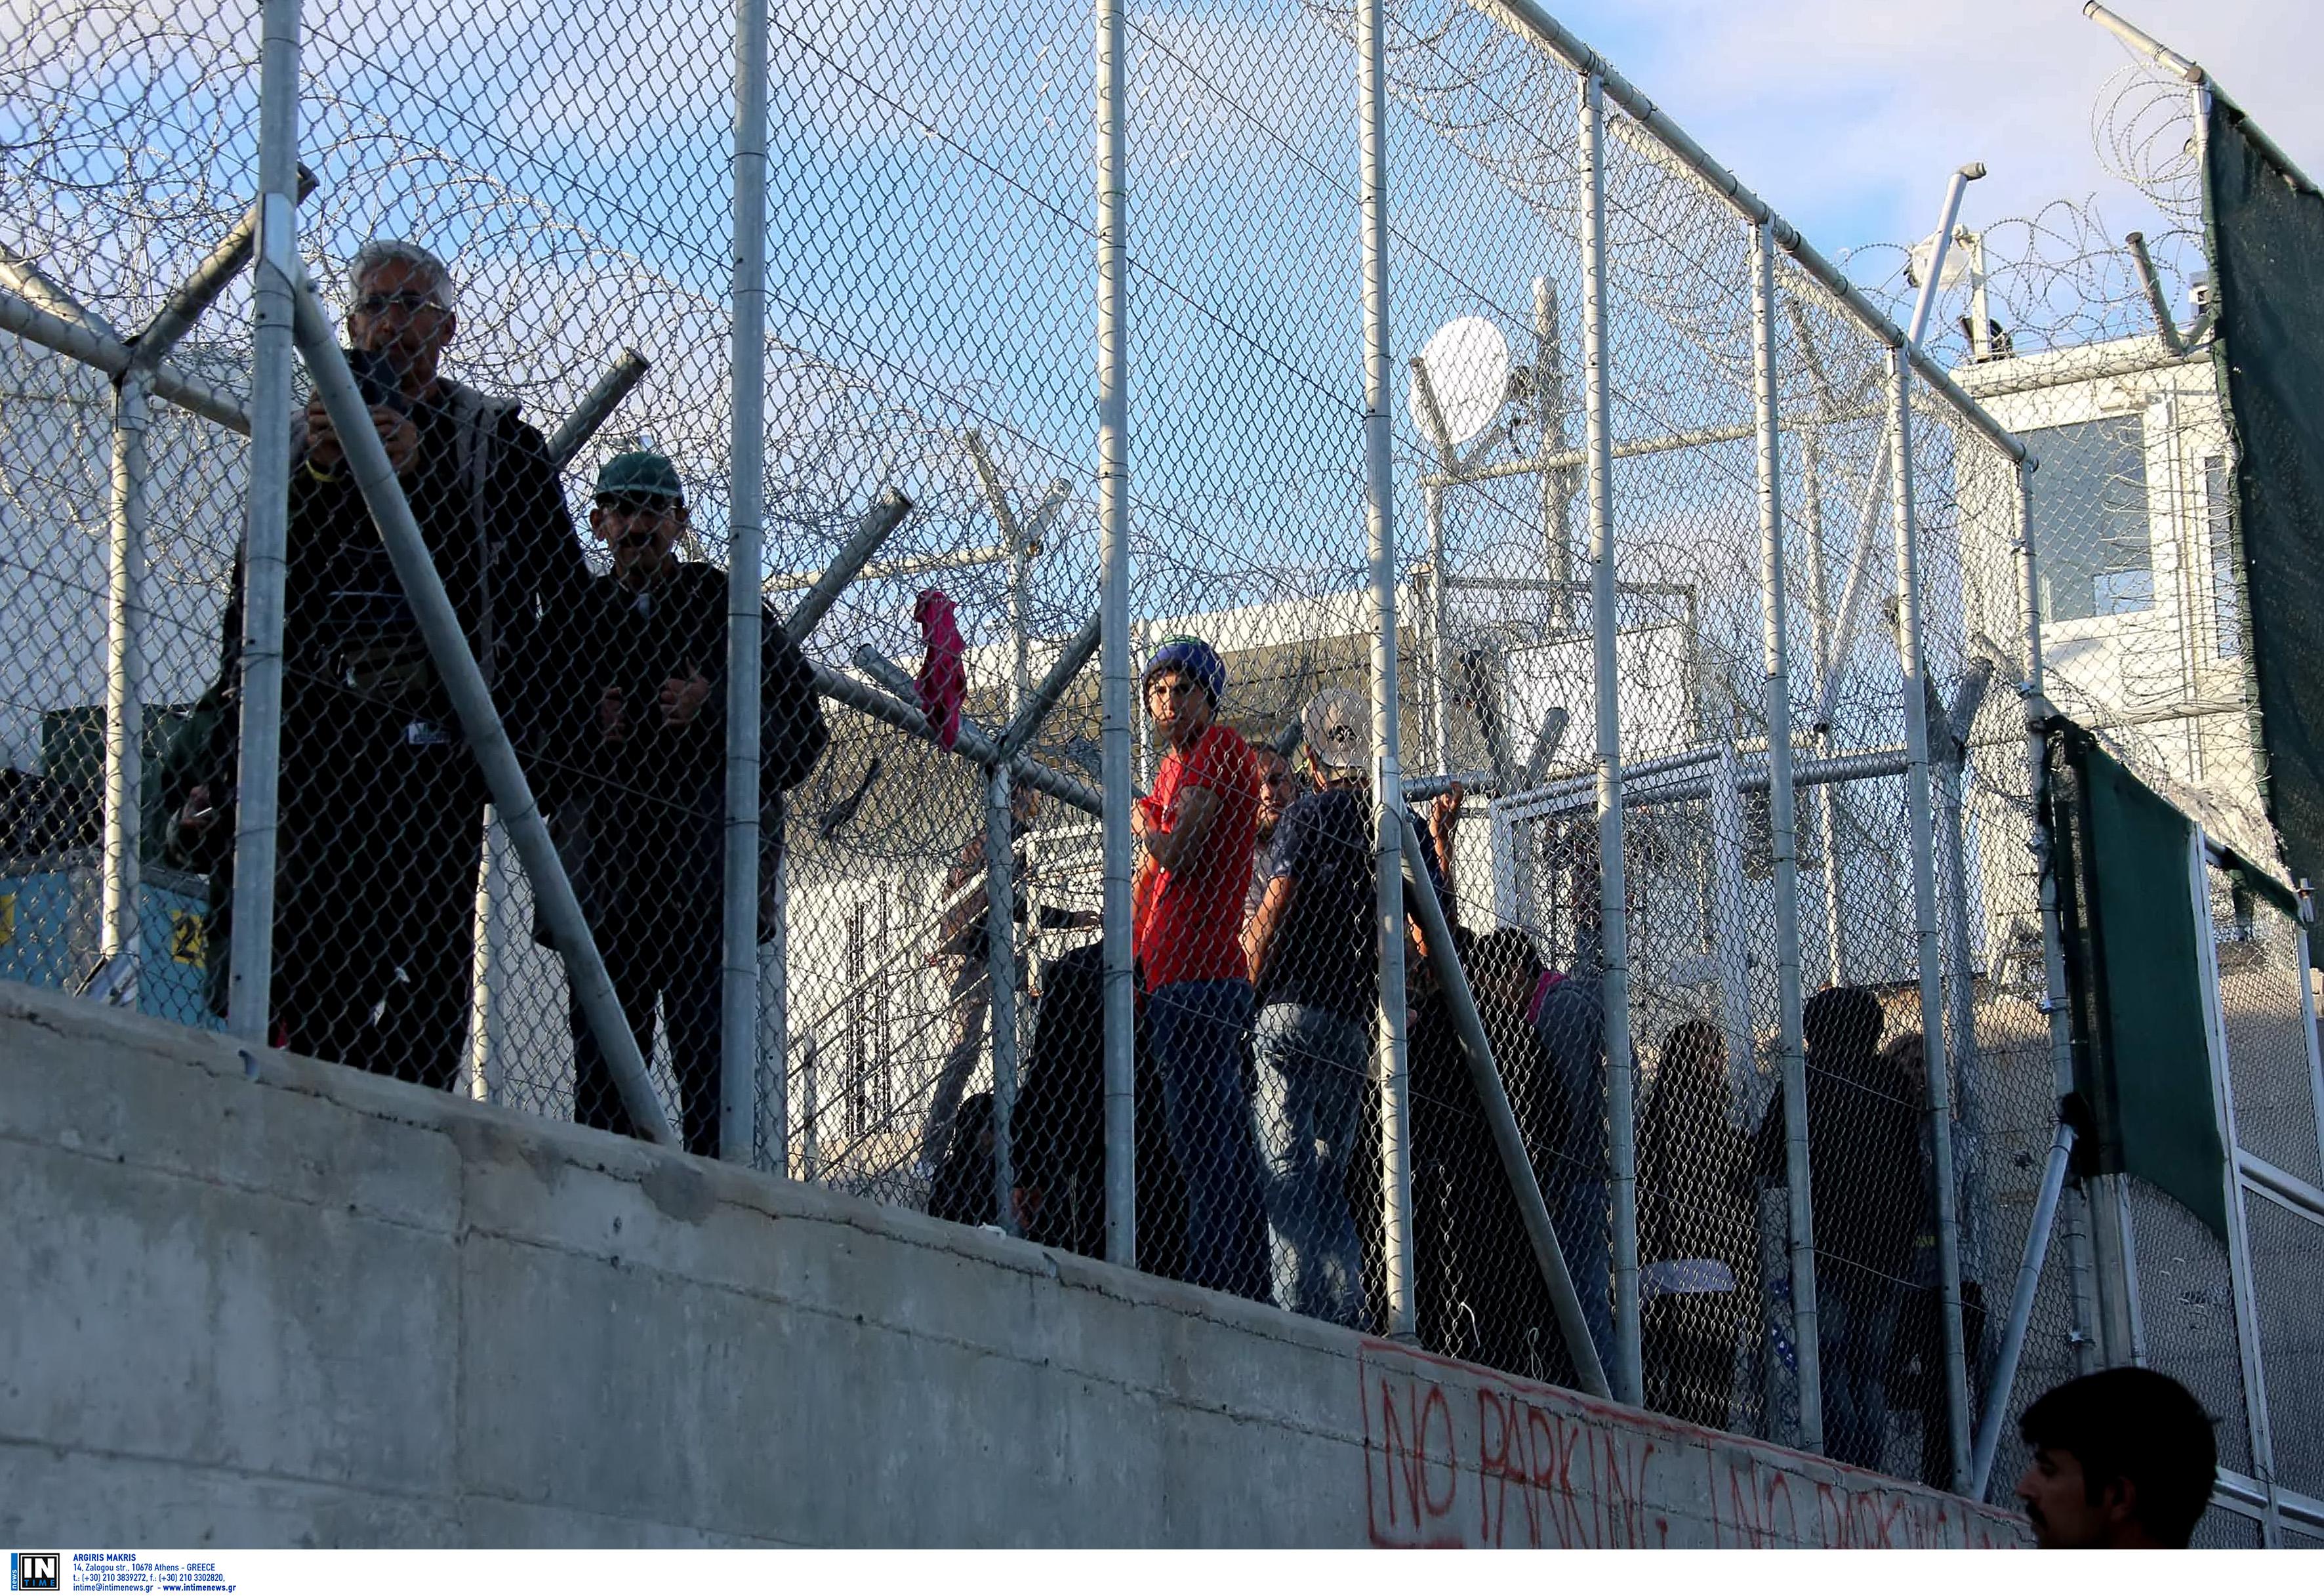 Μυτιλήνη: Υπερψηφίστηκε οριακά η πρόταση για νέα δομή προσφύγων και μεταναστών